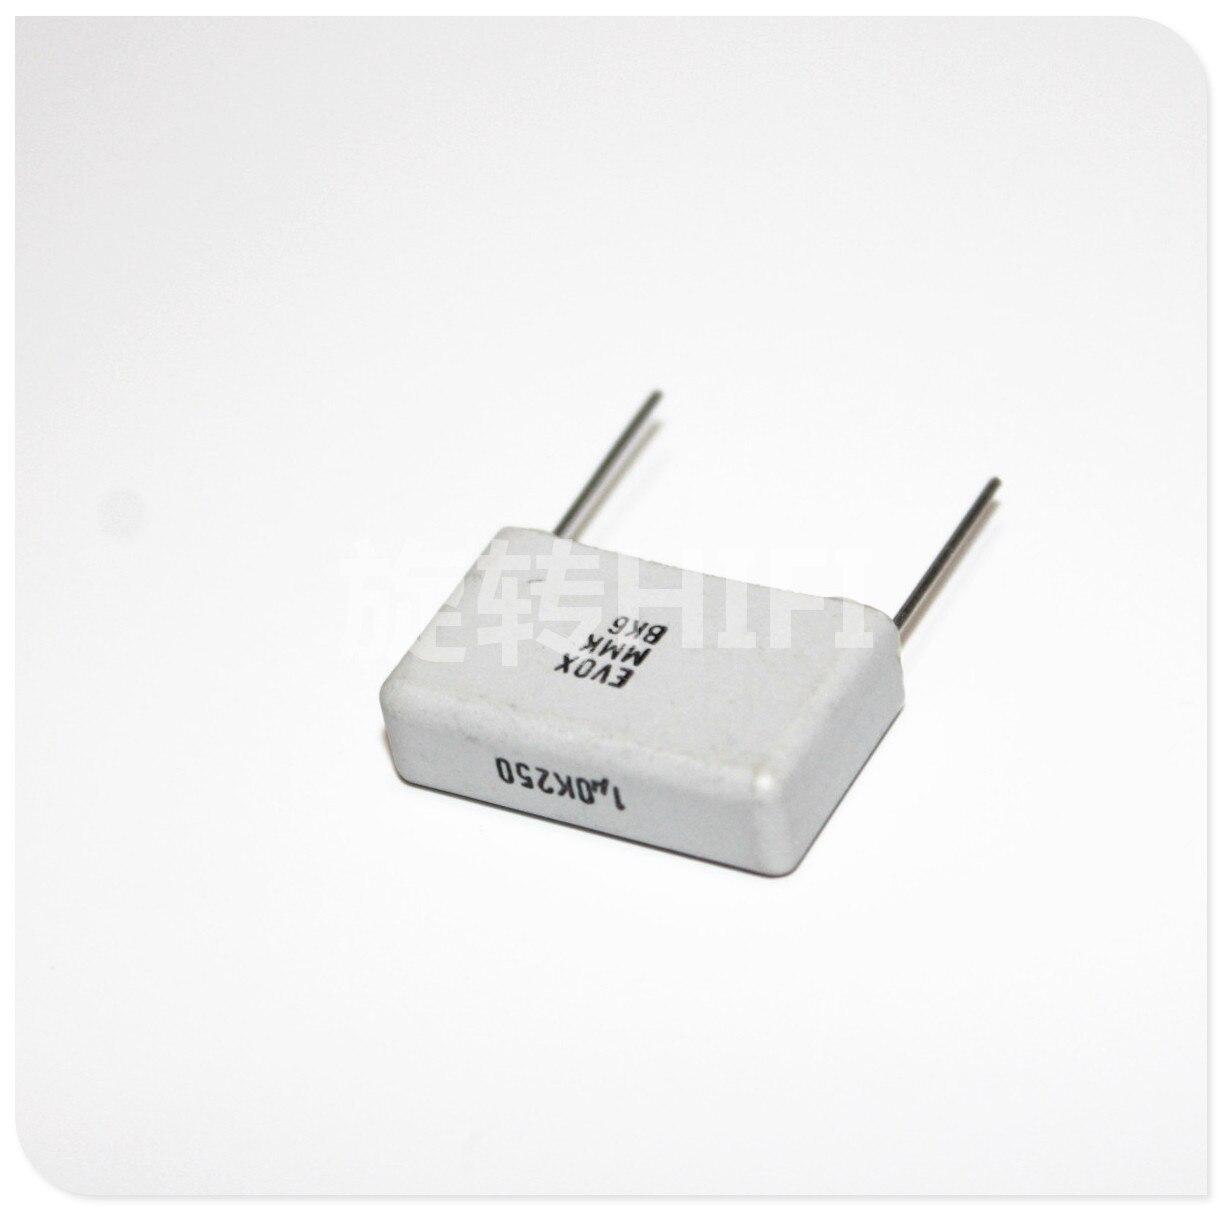 KEMET EVOX MMK22.5 Febrile Nonpolar Film Capacitor P22mm WHITE CAP 1UF 1.5UF 2.2UF 2.7UF 250V 400V 100V 105 155 225 275